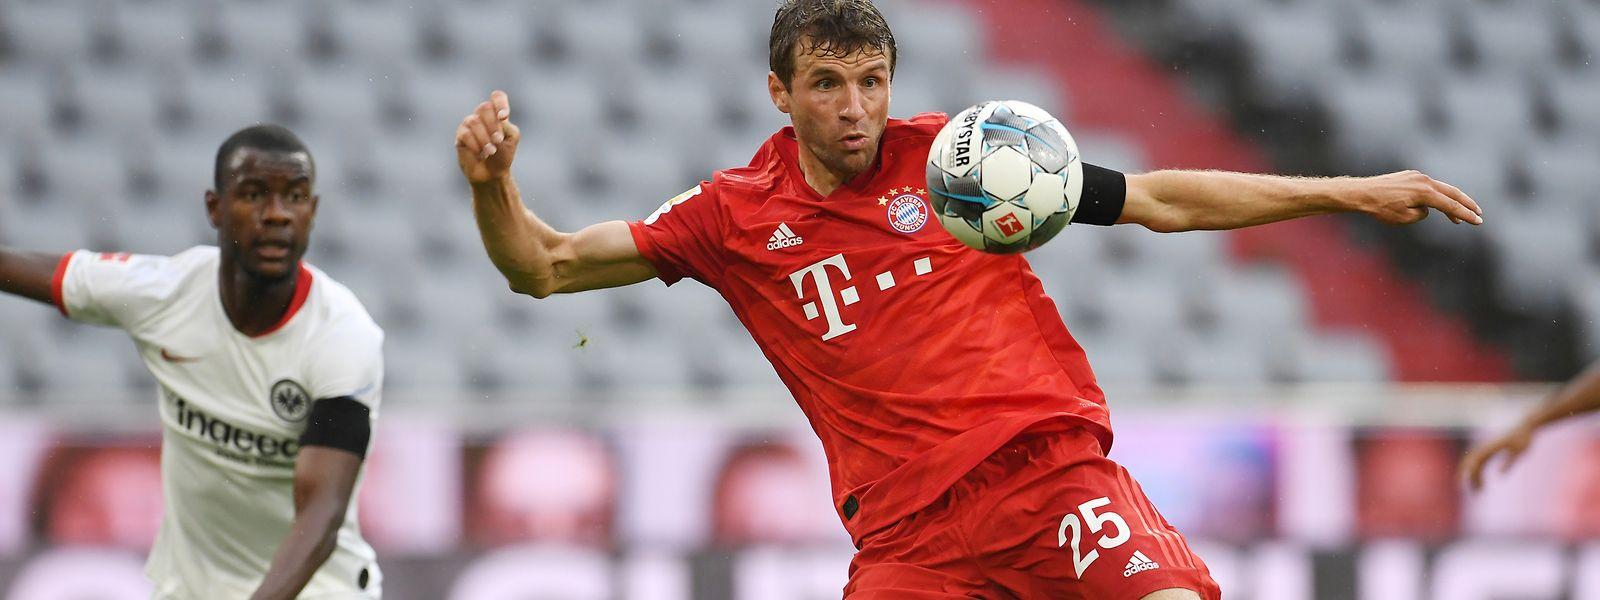 Bayerns Thomas Müller setzt zum Schuss an. Frankfurts Evan N'Dicka kann nur zuschauen.